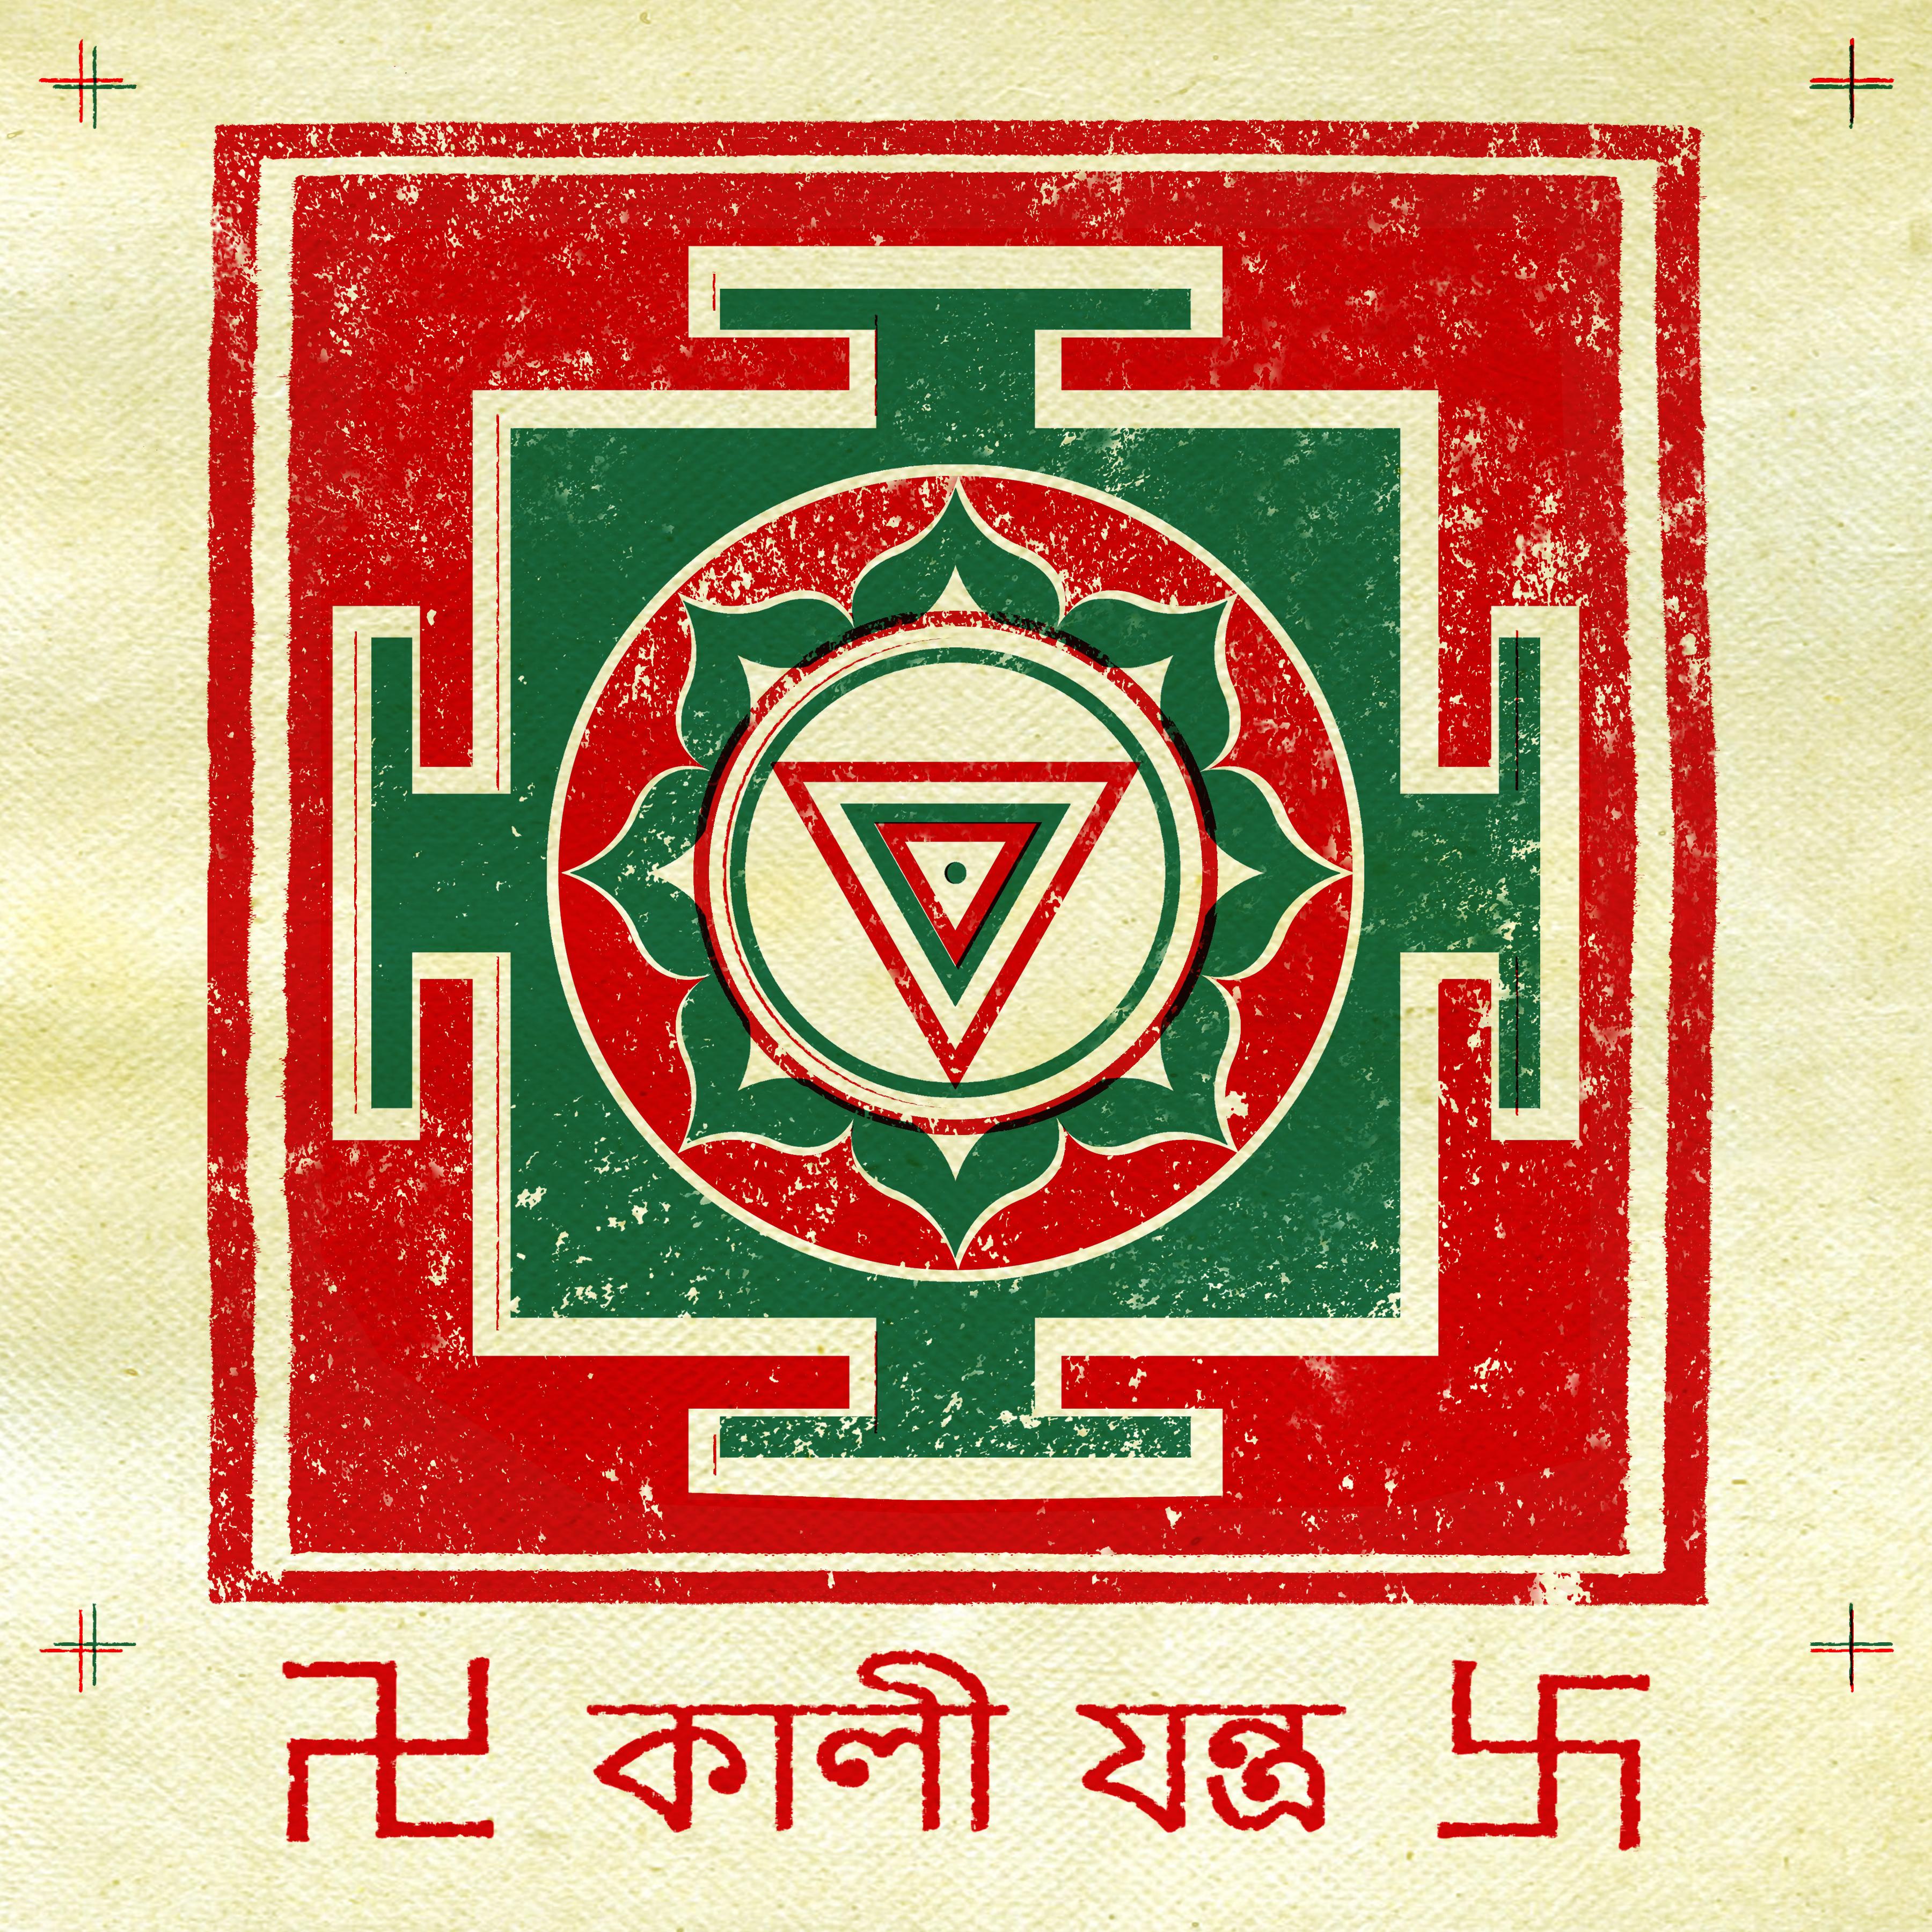 Kali Yantra Printed Image